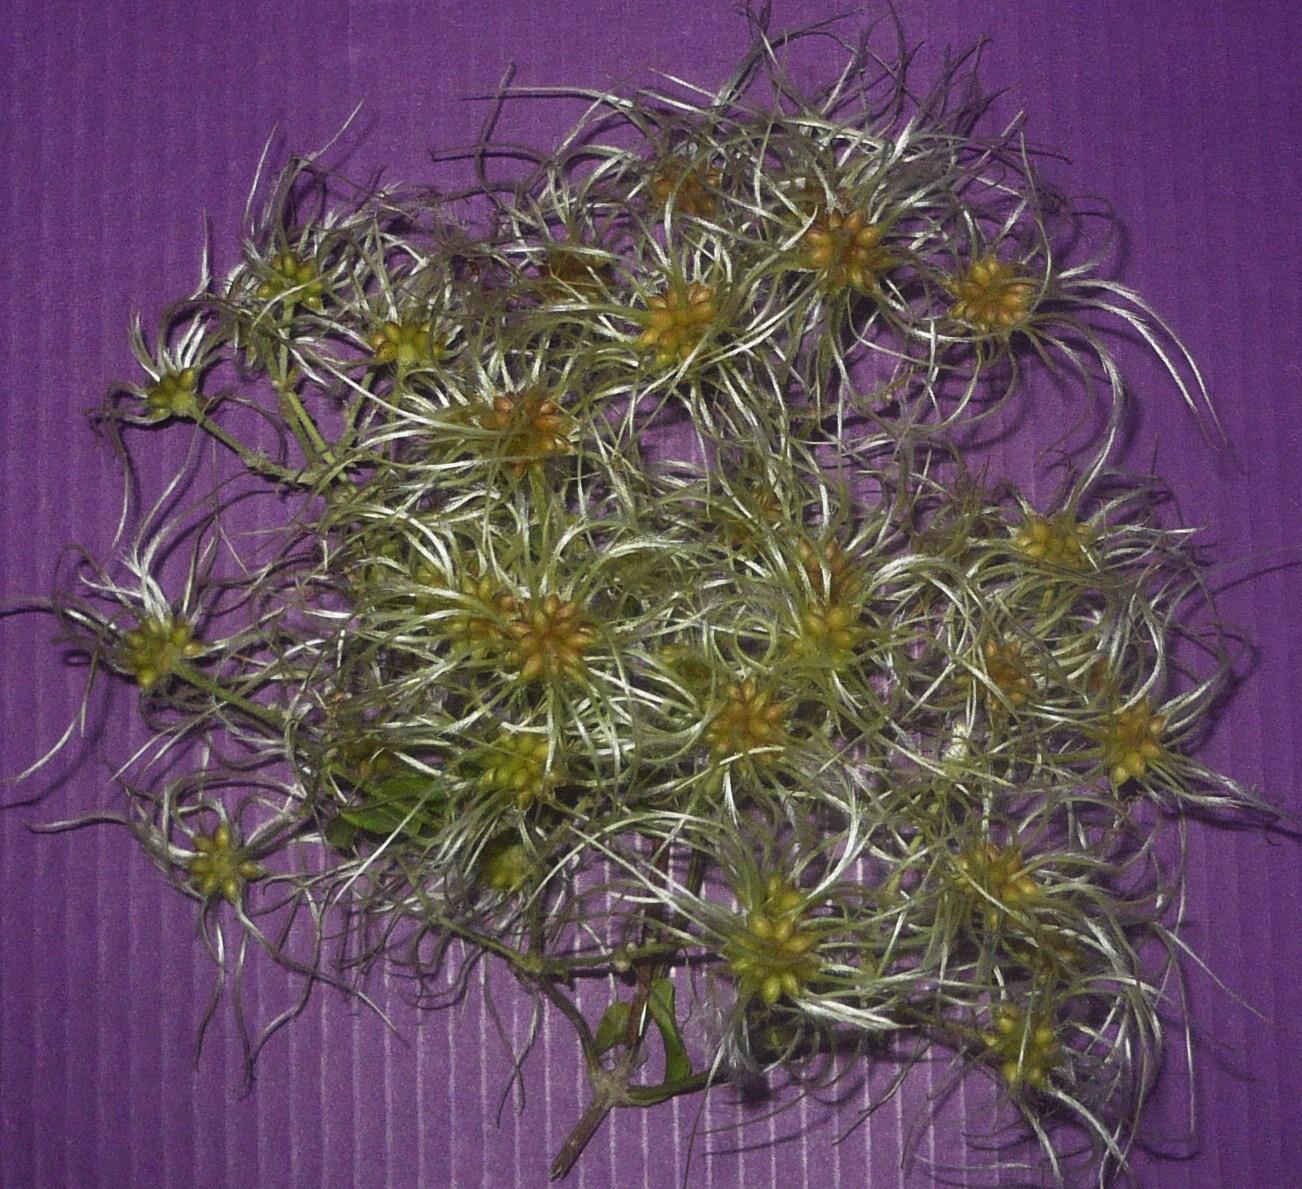 fleur-de-clematique-ce-quil-en-reste-002.JPG